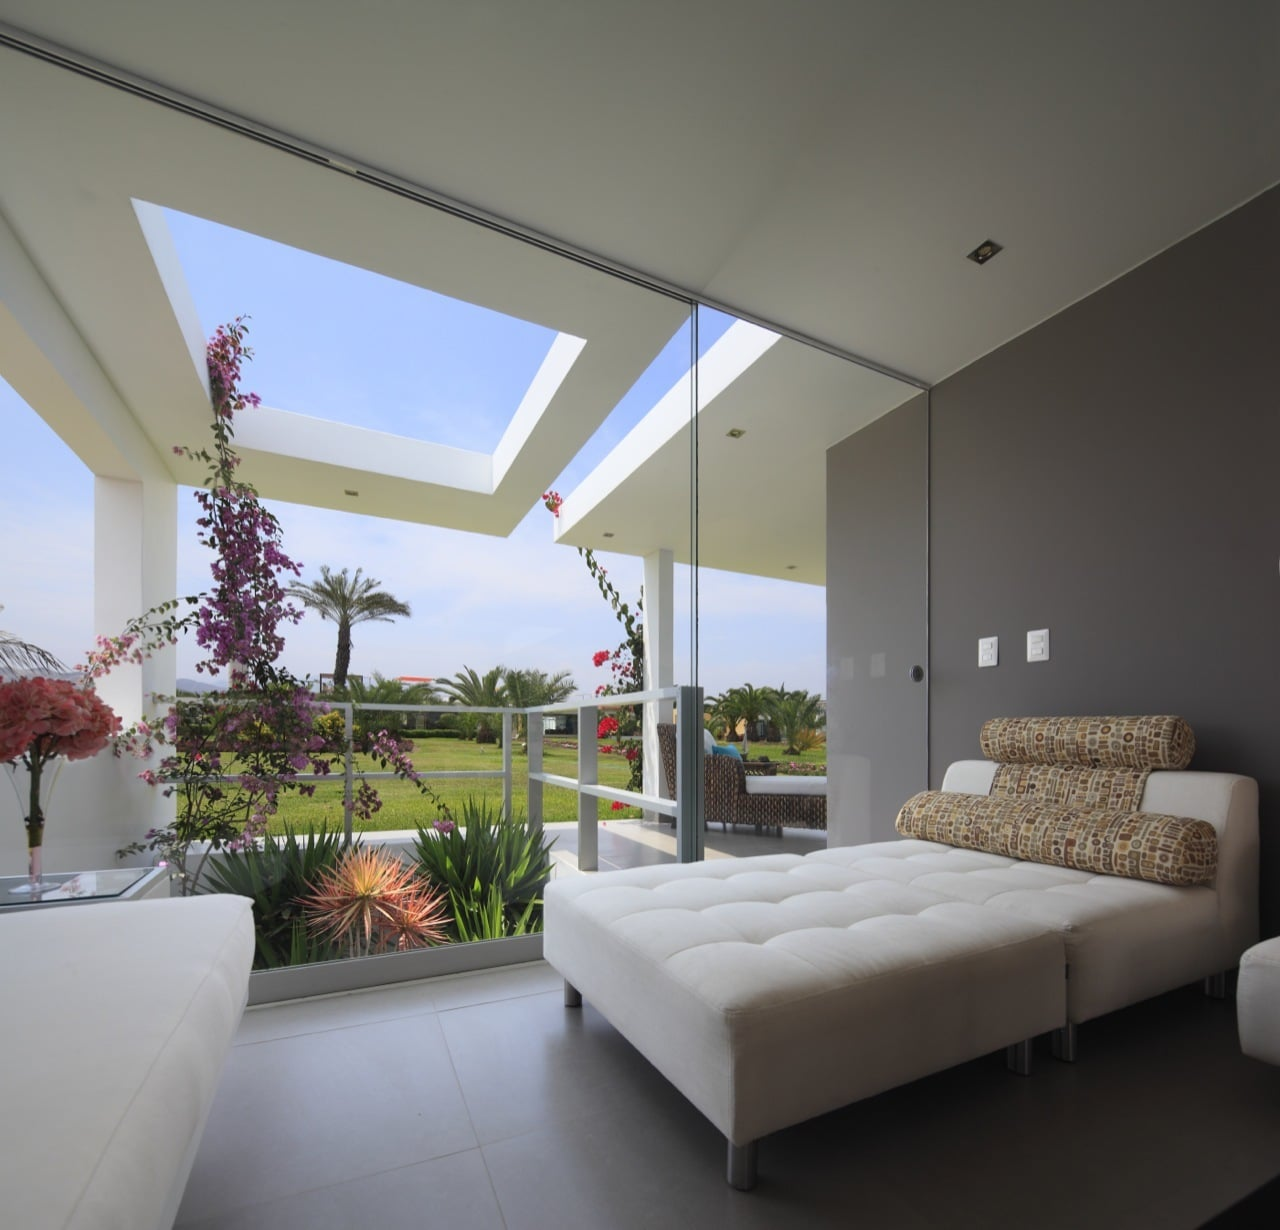 Dise o de casa de una planta con s tano y terraza piscina for Diseno terrazas modernas